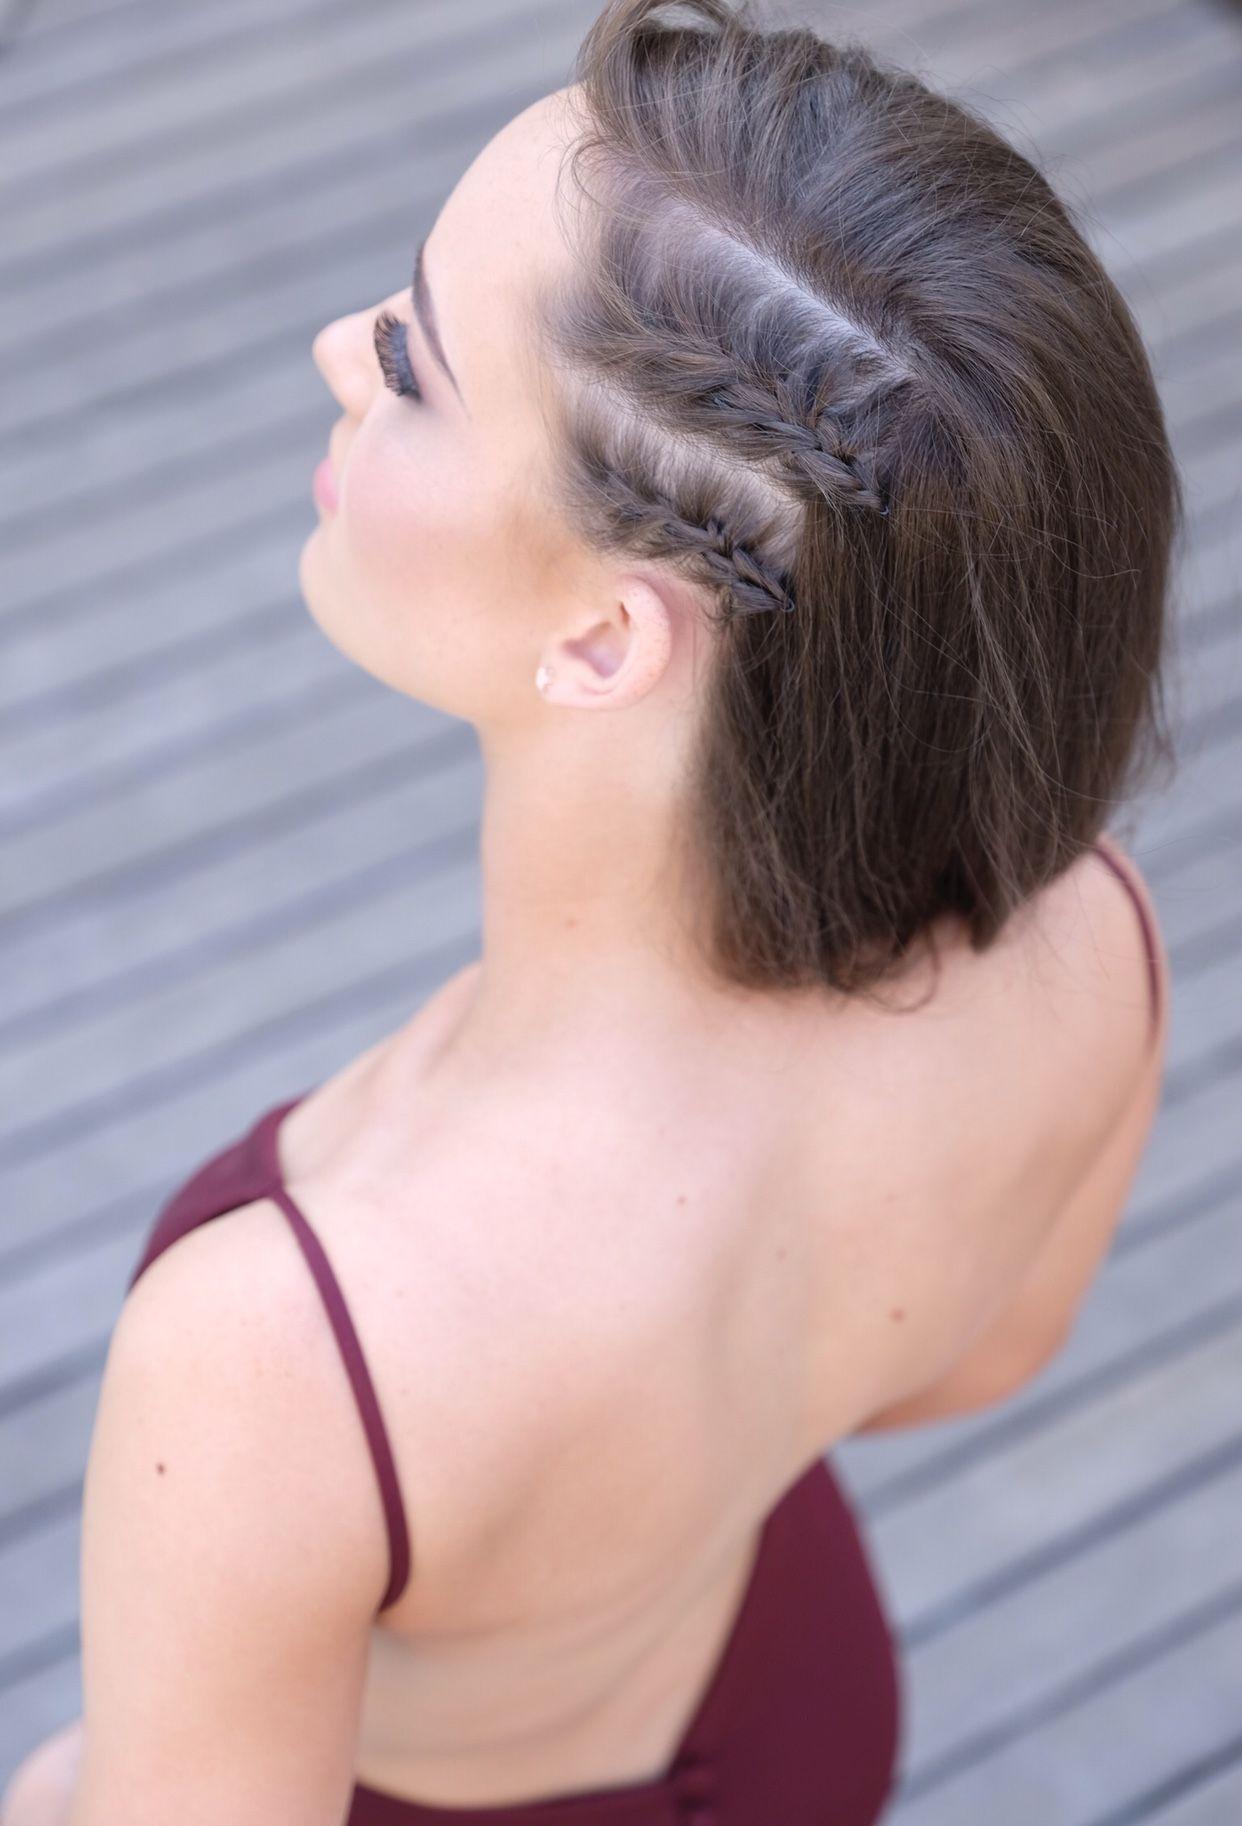 Matric Farewell Dress Open Back Dress Hairstyle Hair Styles Open Back Dresses Dress Backs